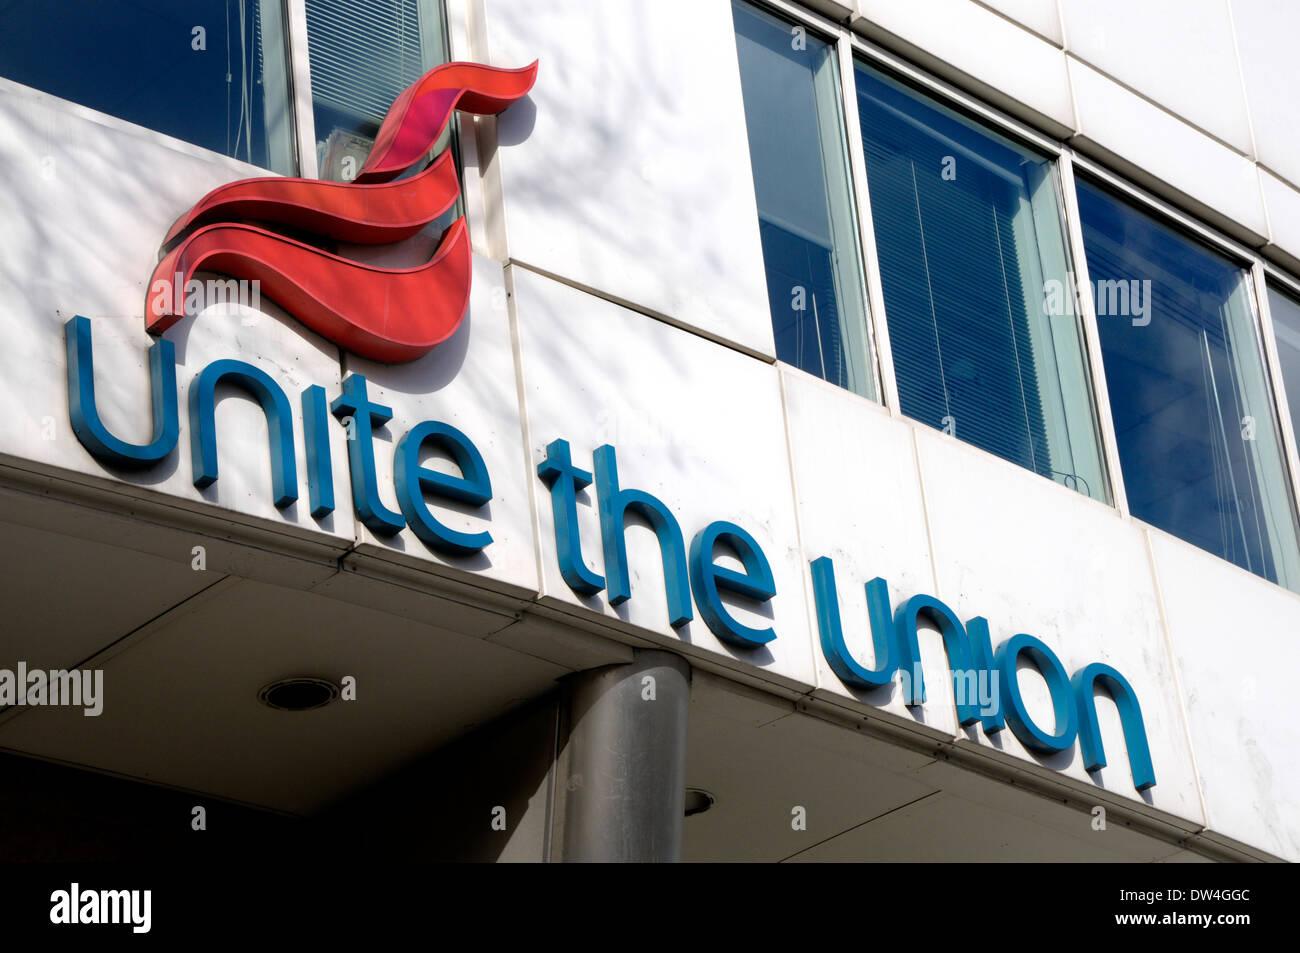 London, England, UK. Headquarters of the union UNITE, 128 Theobalds Rd, Holborn - Stock Image